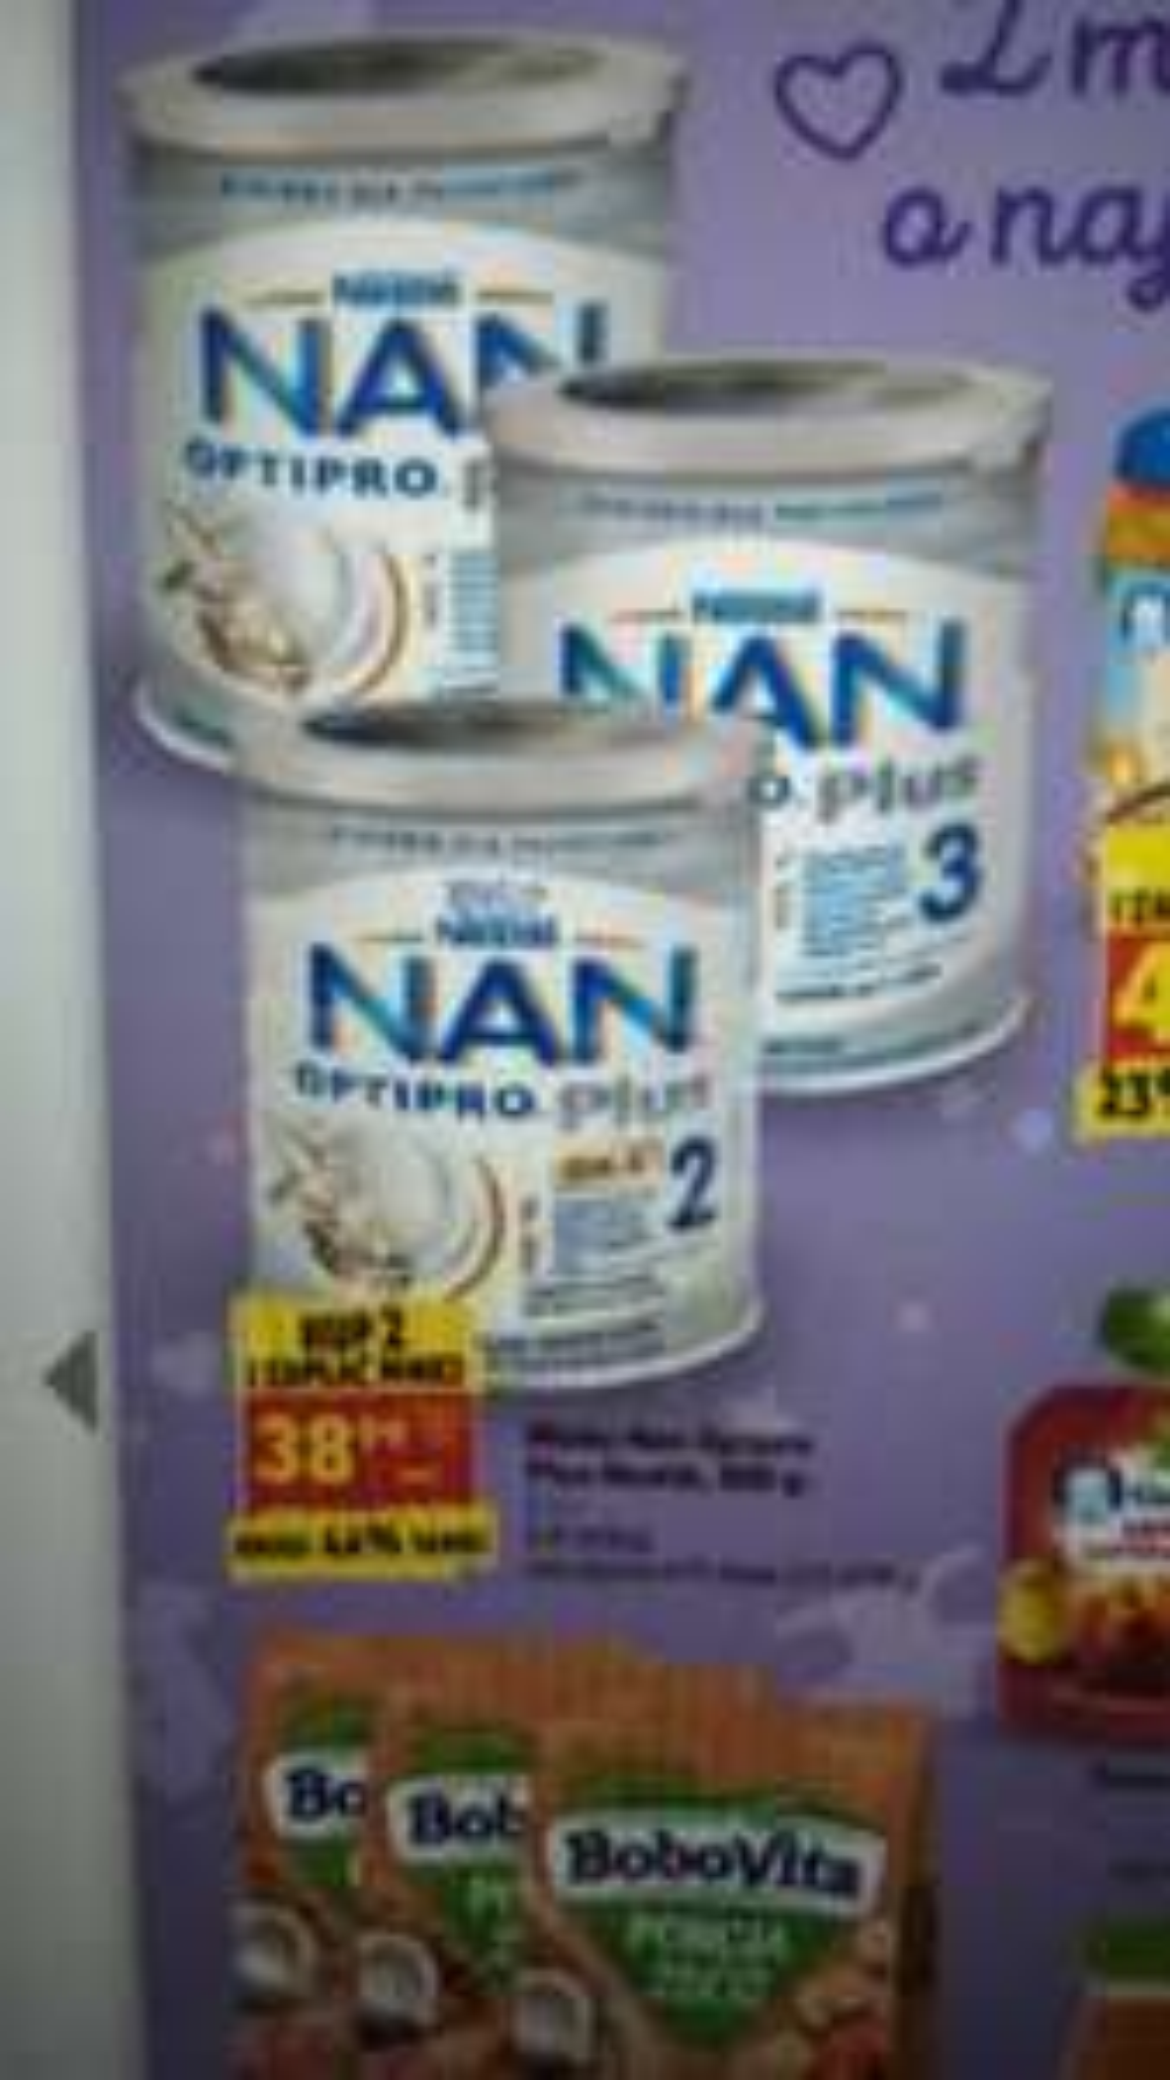 Mleko Nan Optipro Plus 2,3,4 - Biedronka